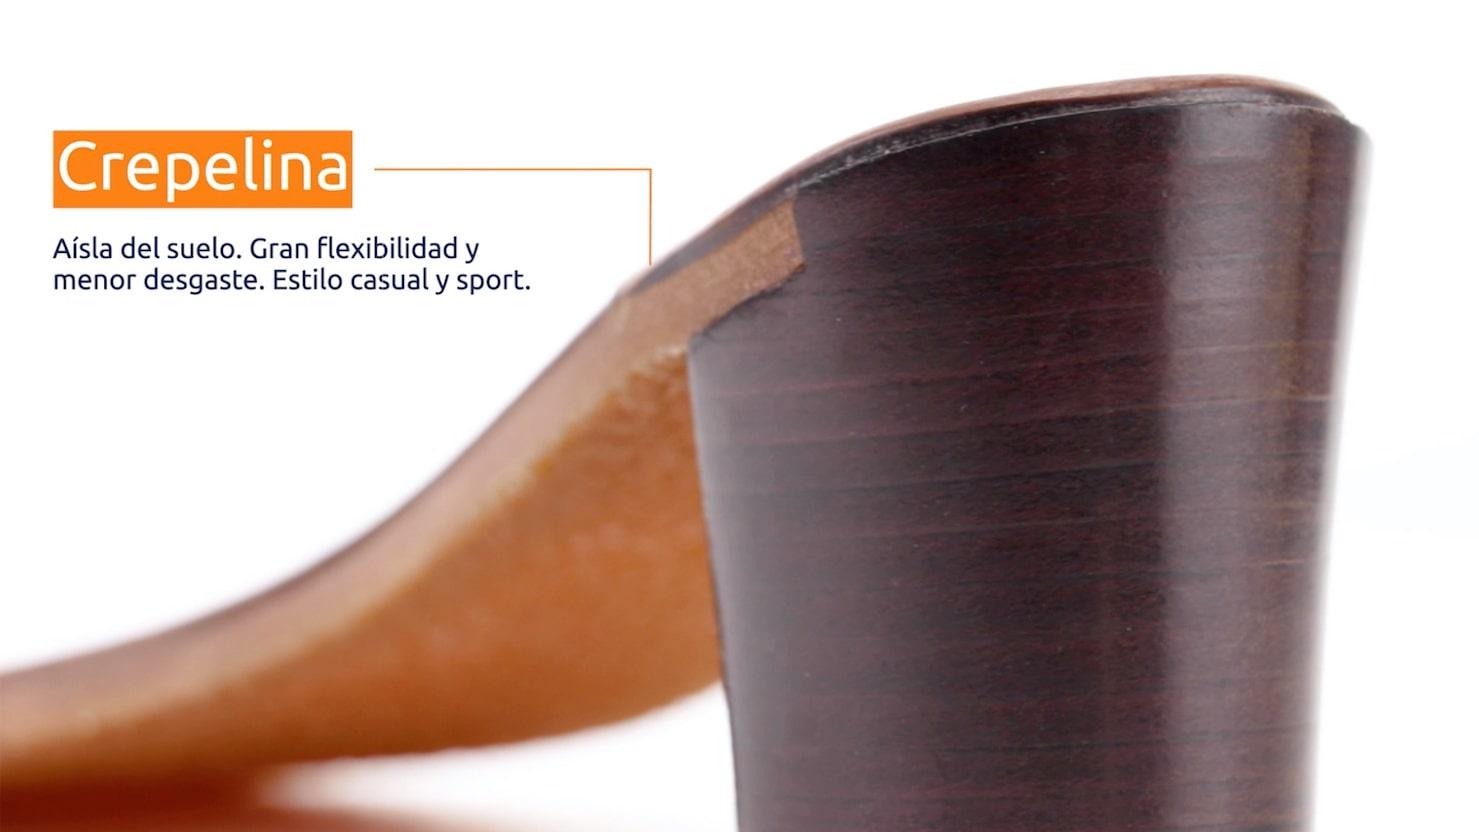 Materiales más utilizados: Crepelina